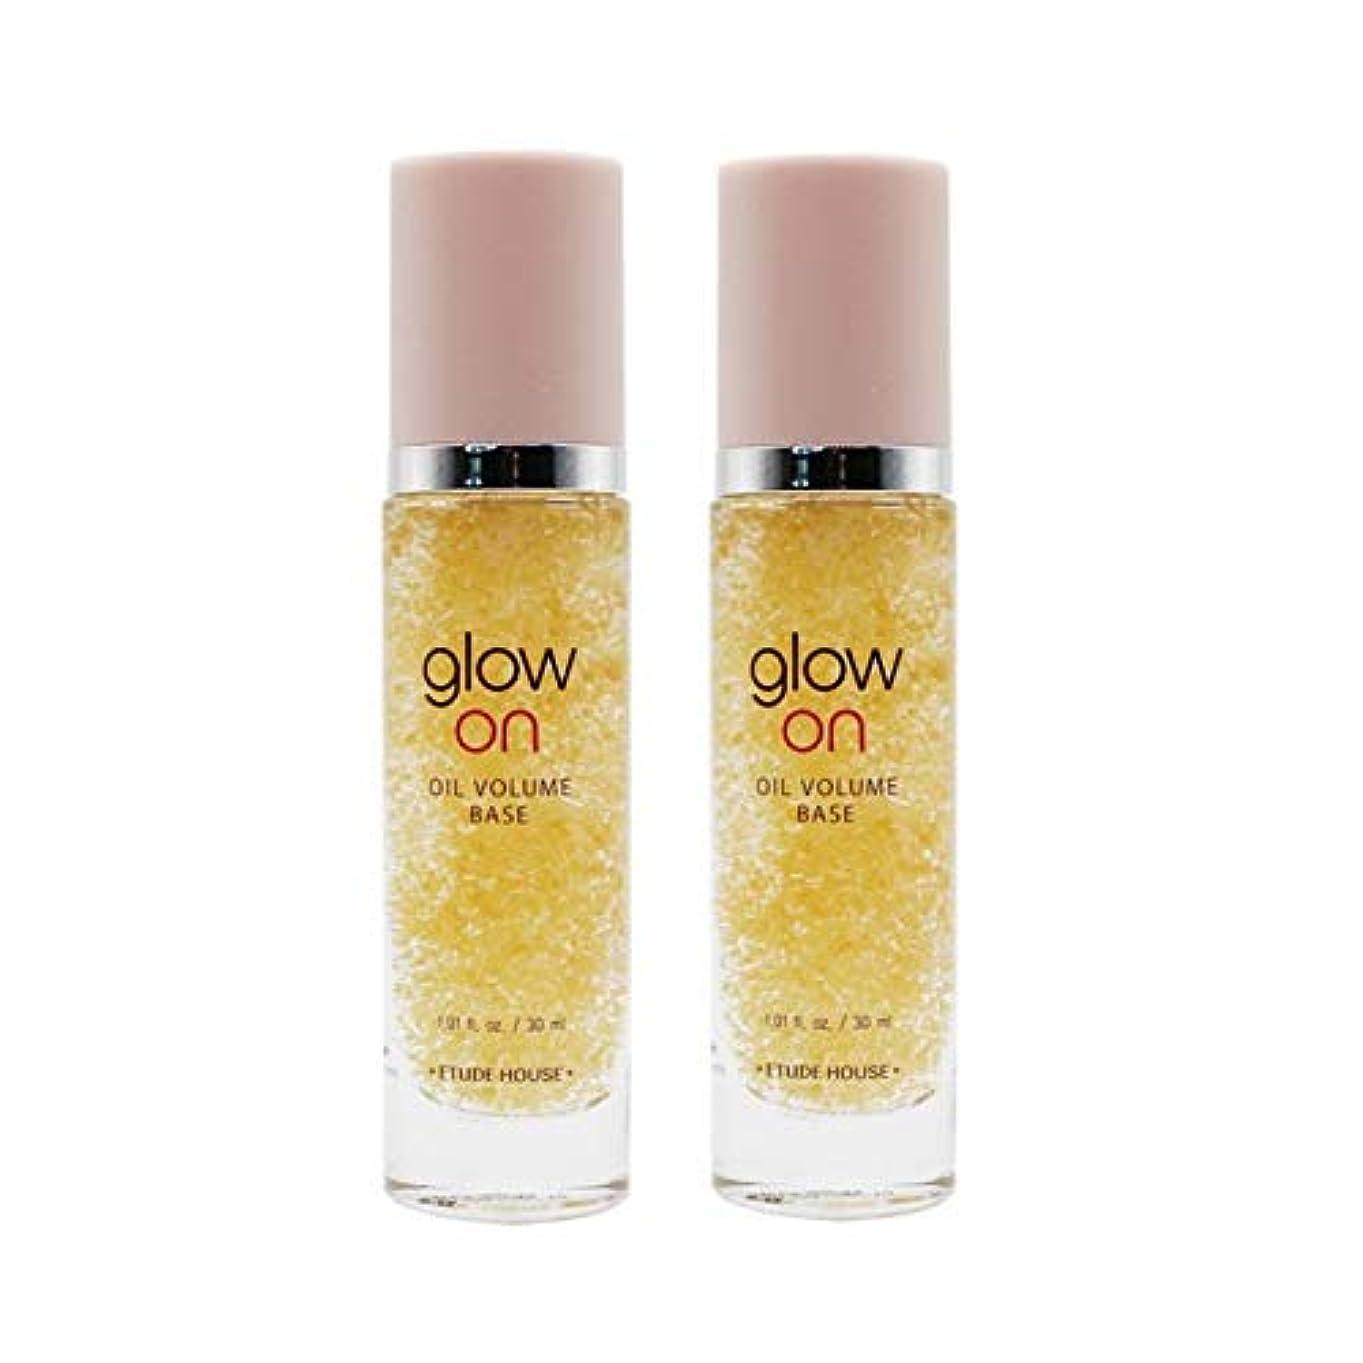 徴収じゃがいも貨物エチュードハウスグローオンベース 30mlx2本セット3色韓国コスメ、Etude house Glow on Base 30ml x 2ea Set 3 Colors Korean Cosmetics [並行輸入品] (...